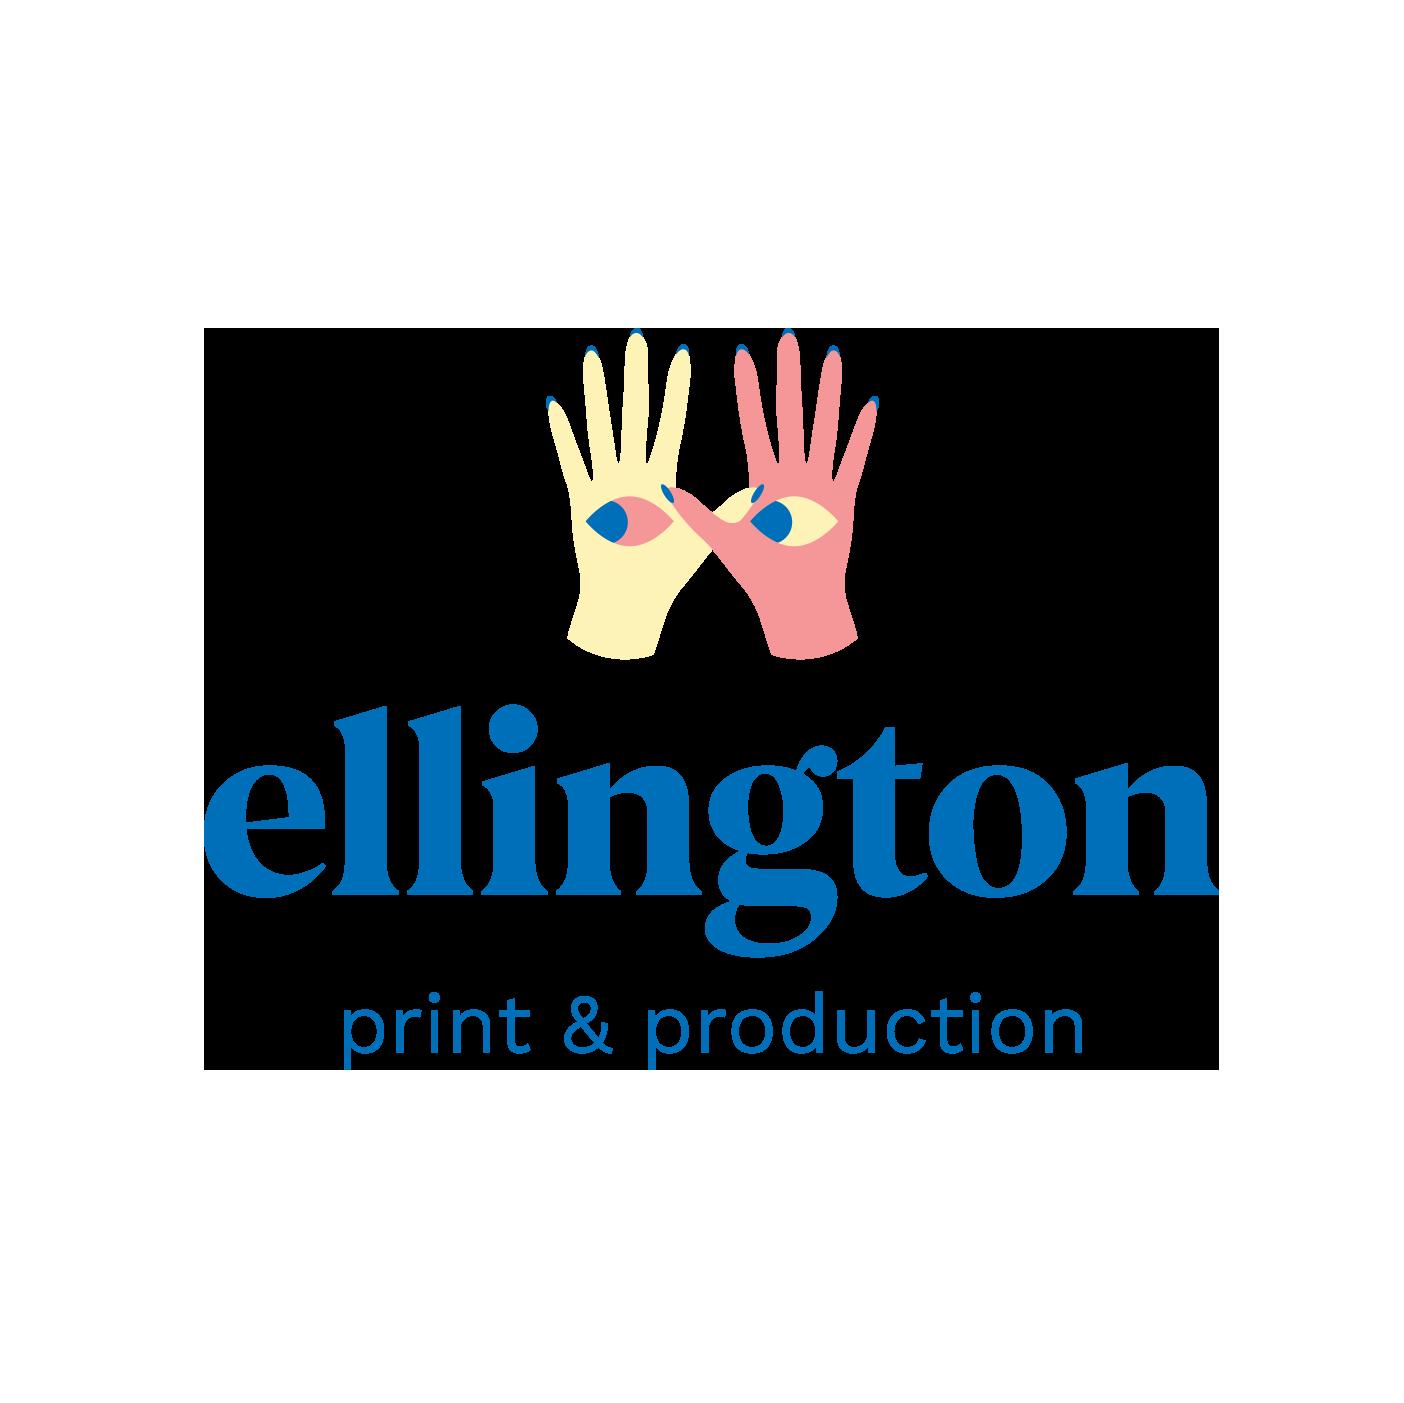 ellington-color-hands